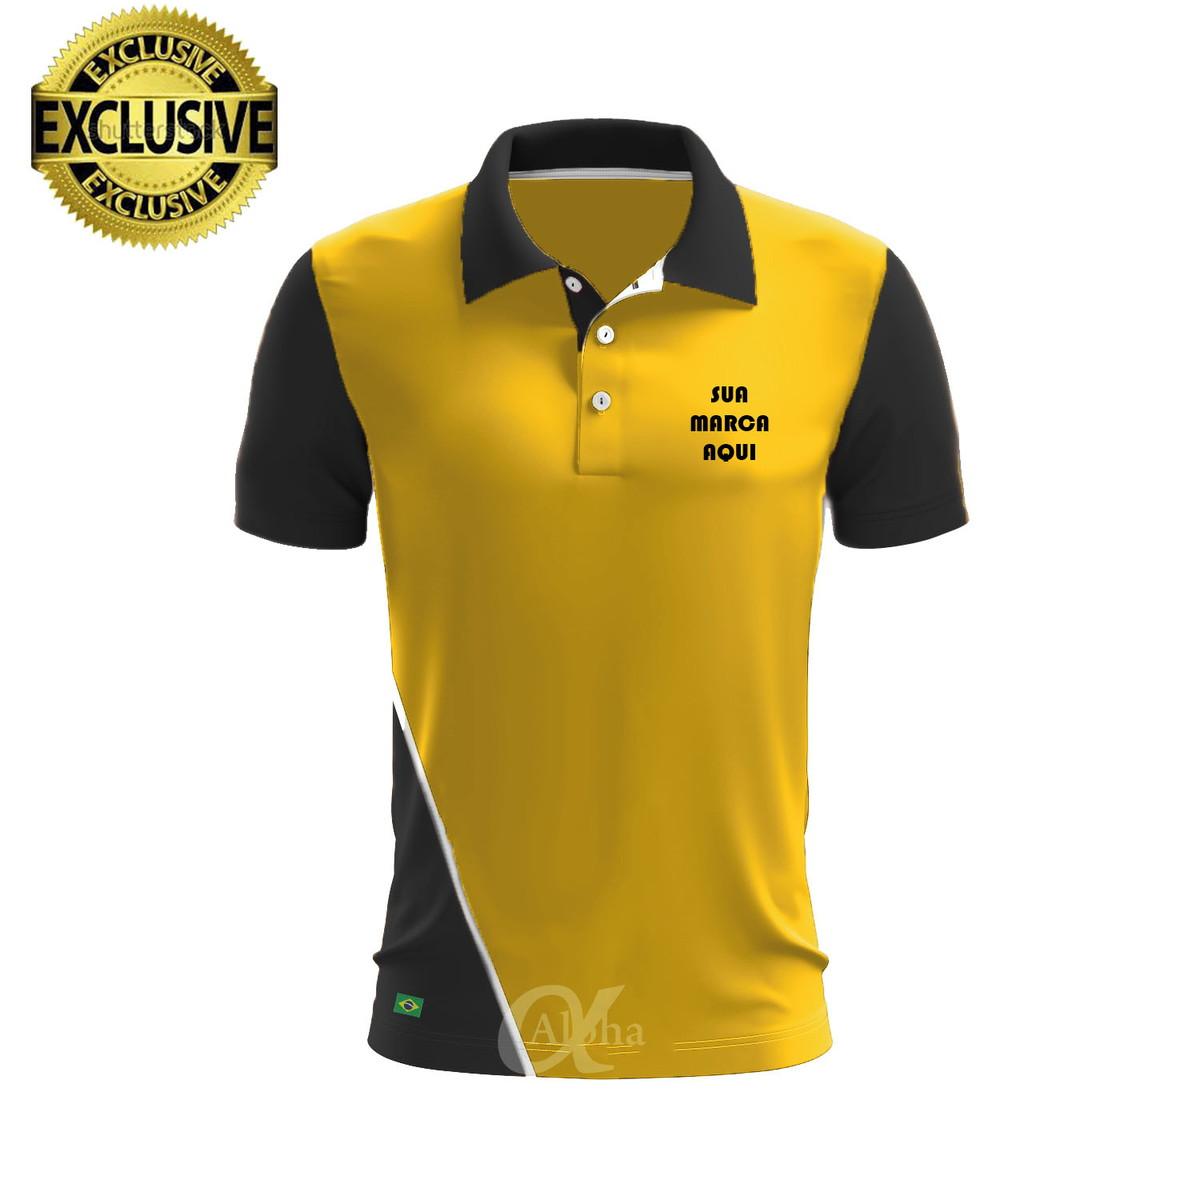 3985ec8e5d Camisa Camiseta Polo Personalizada Diferenciada Kit 4 Peças no Elo7 ...